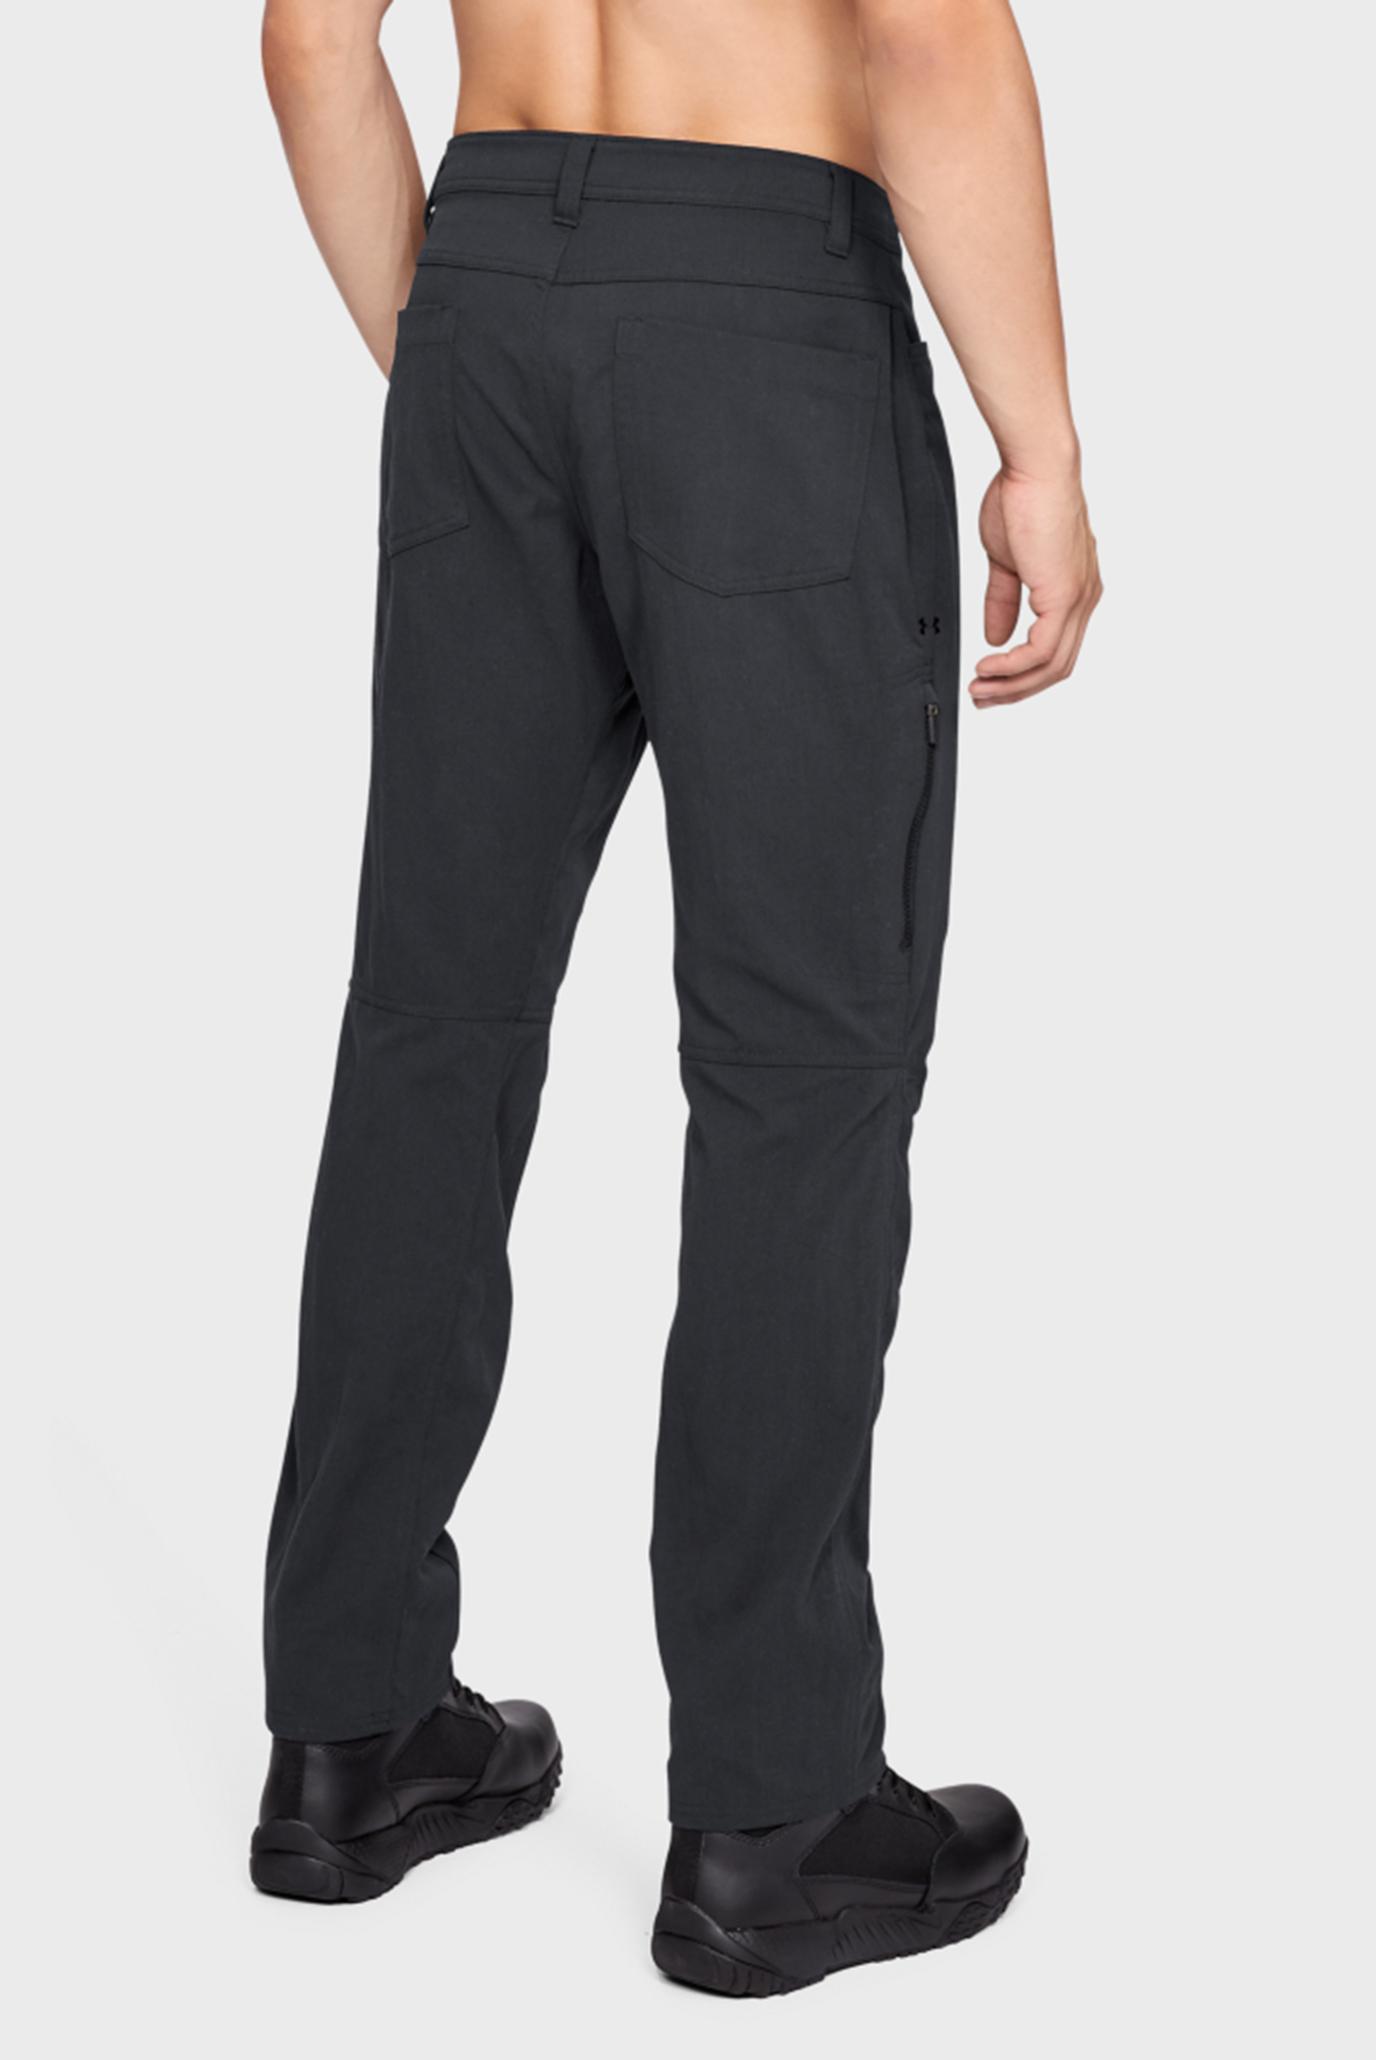 Мужские черные спортивные брюки Tac Nylon Pant Under Armour